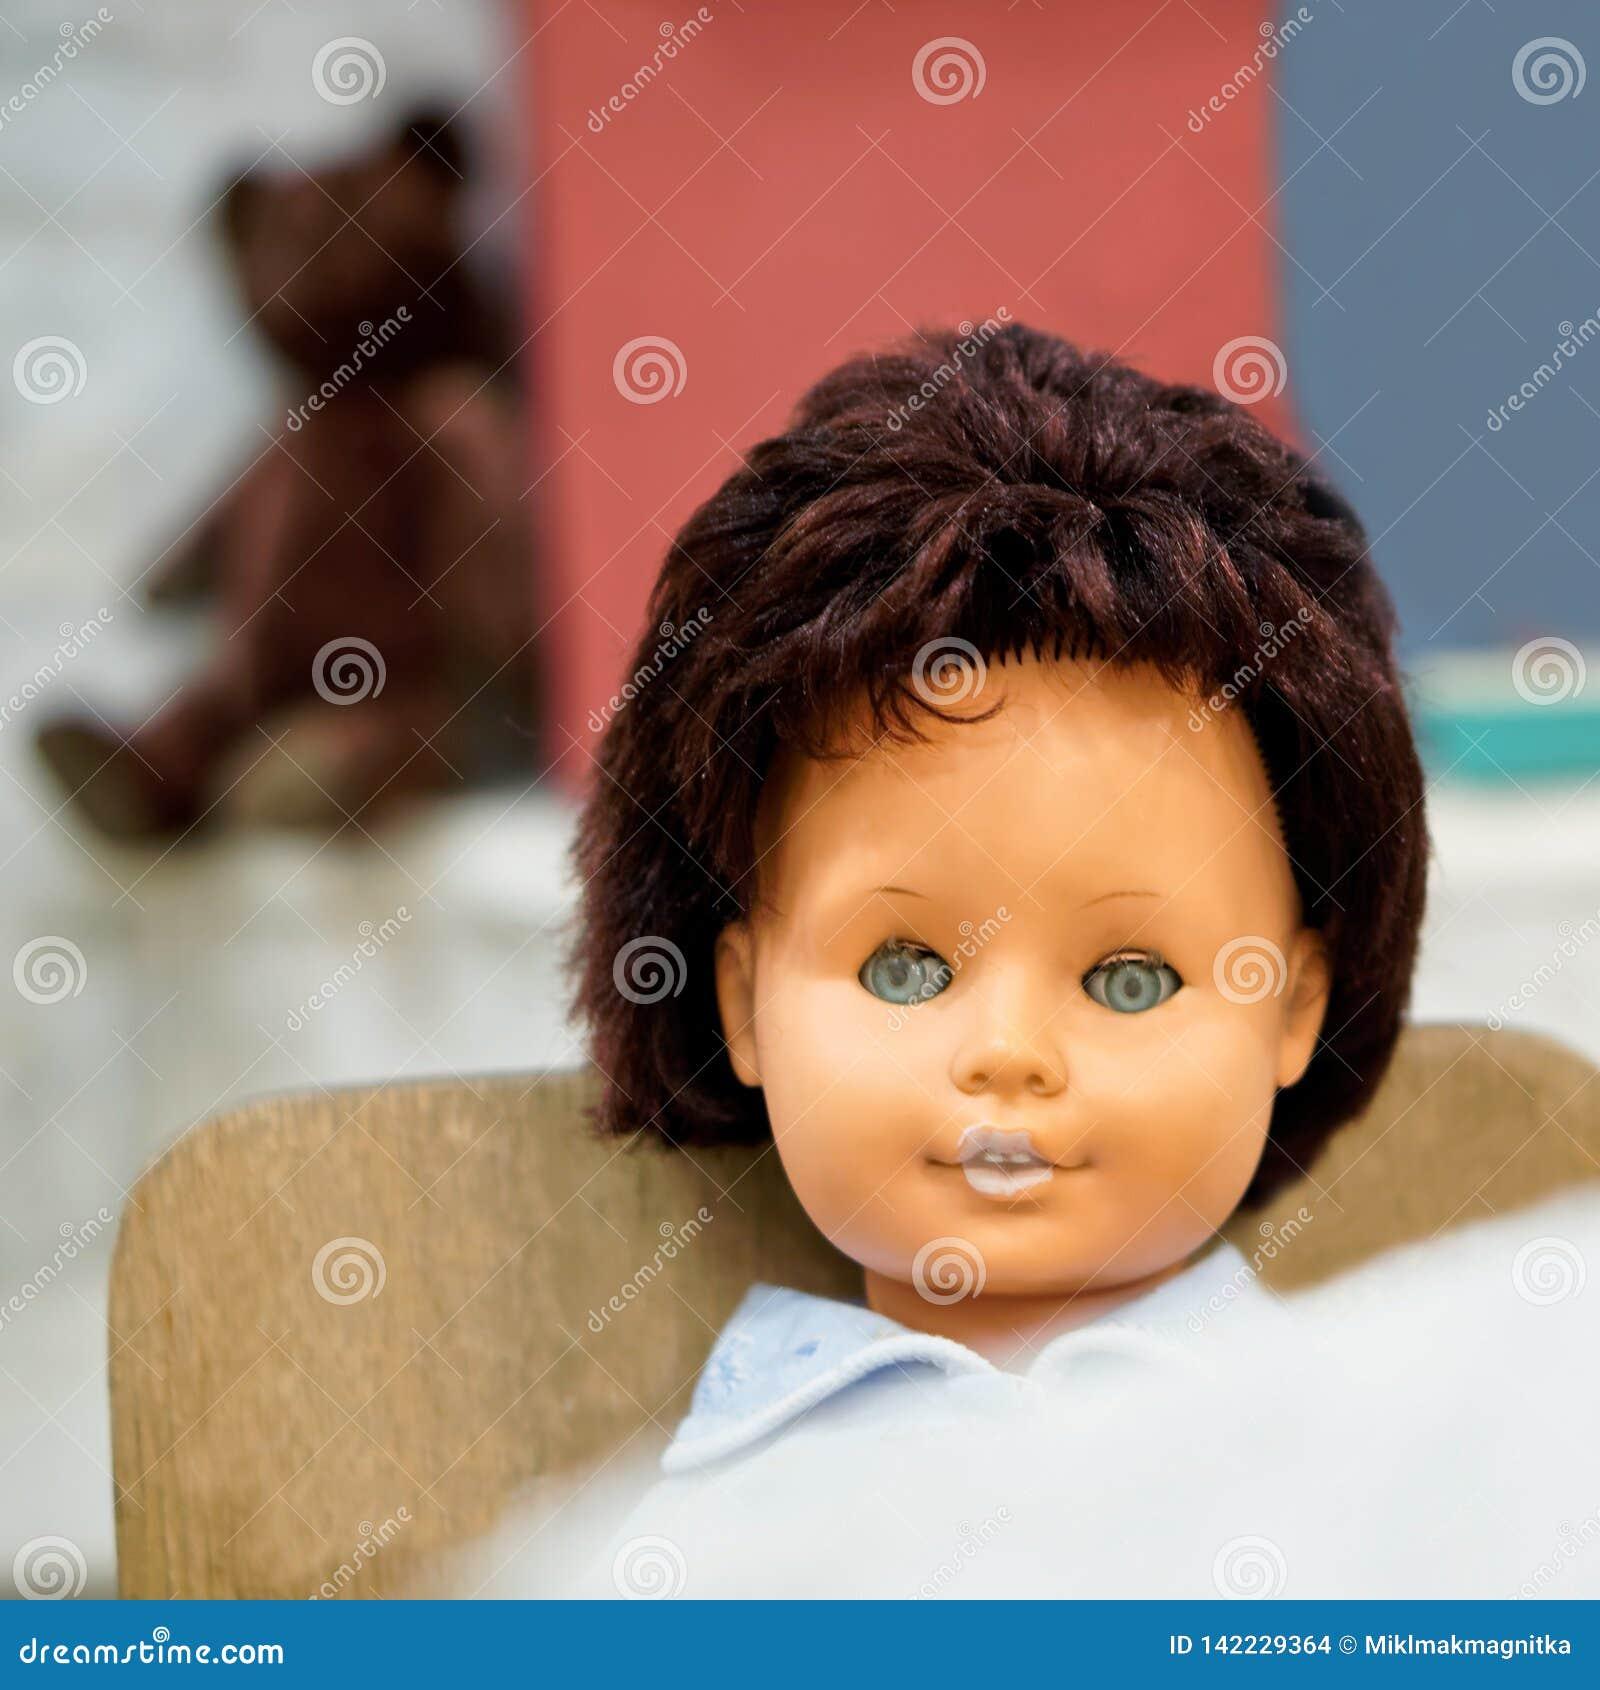 Старая игрушка - винтажная кукла с голубыми глазами сидит перед таблицей в высоком стульчике поле глубины отмелое